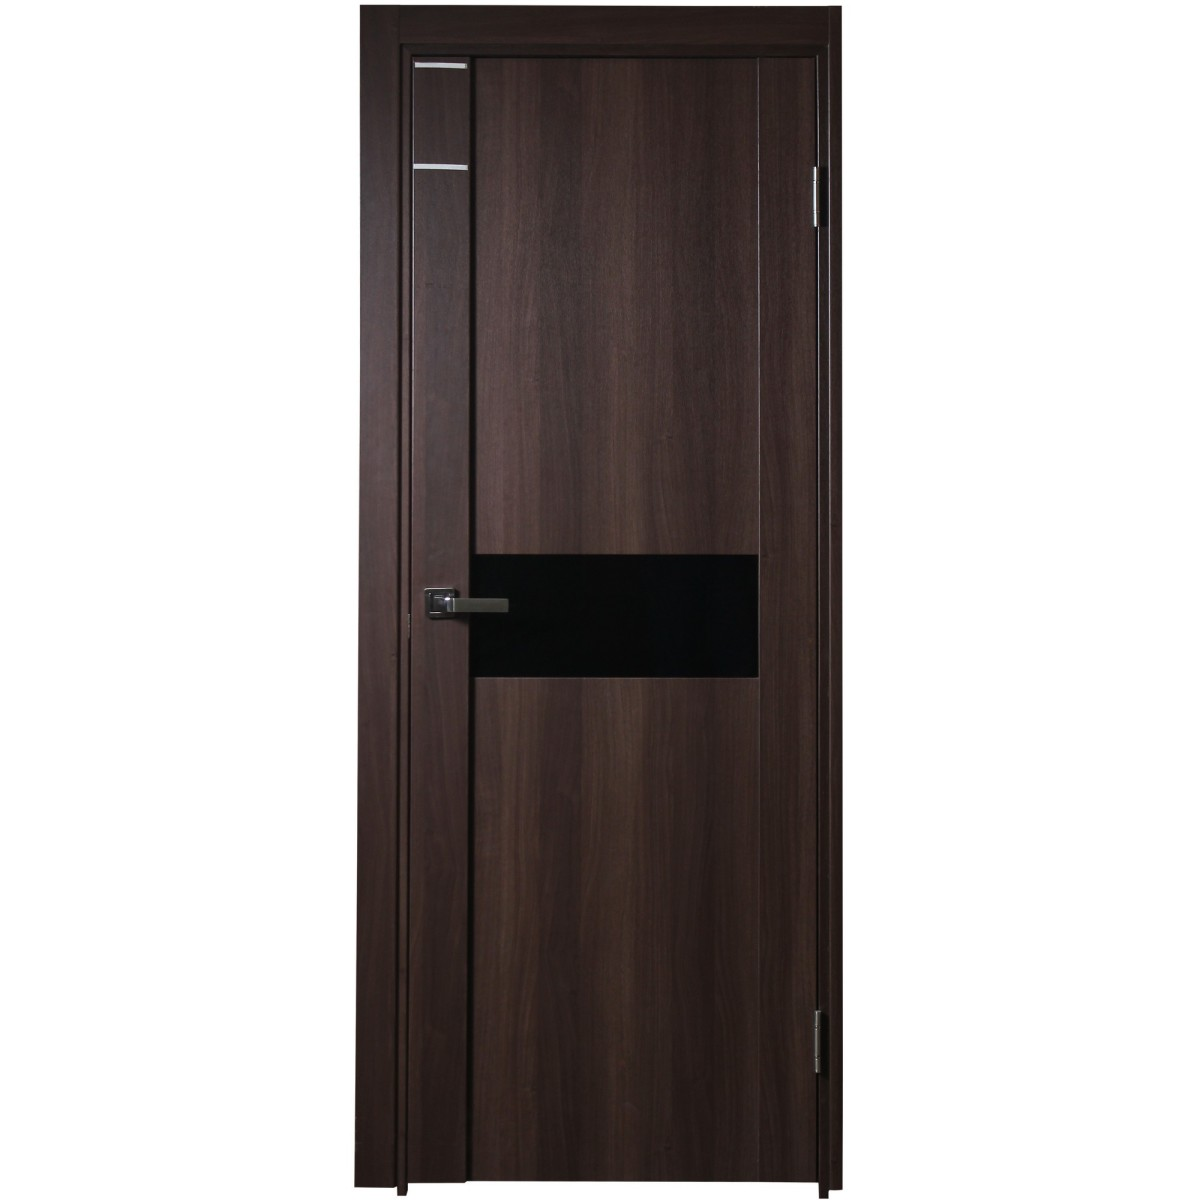 Дверь межкомнатная остеклённая Artens Велдон 60x200 см цвет мокко без фурнитуры